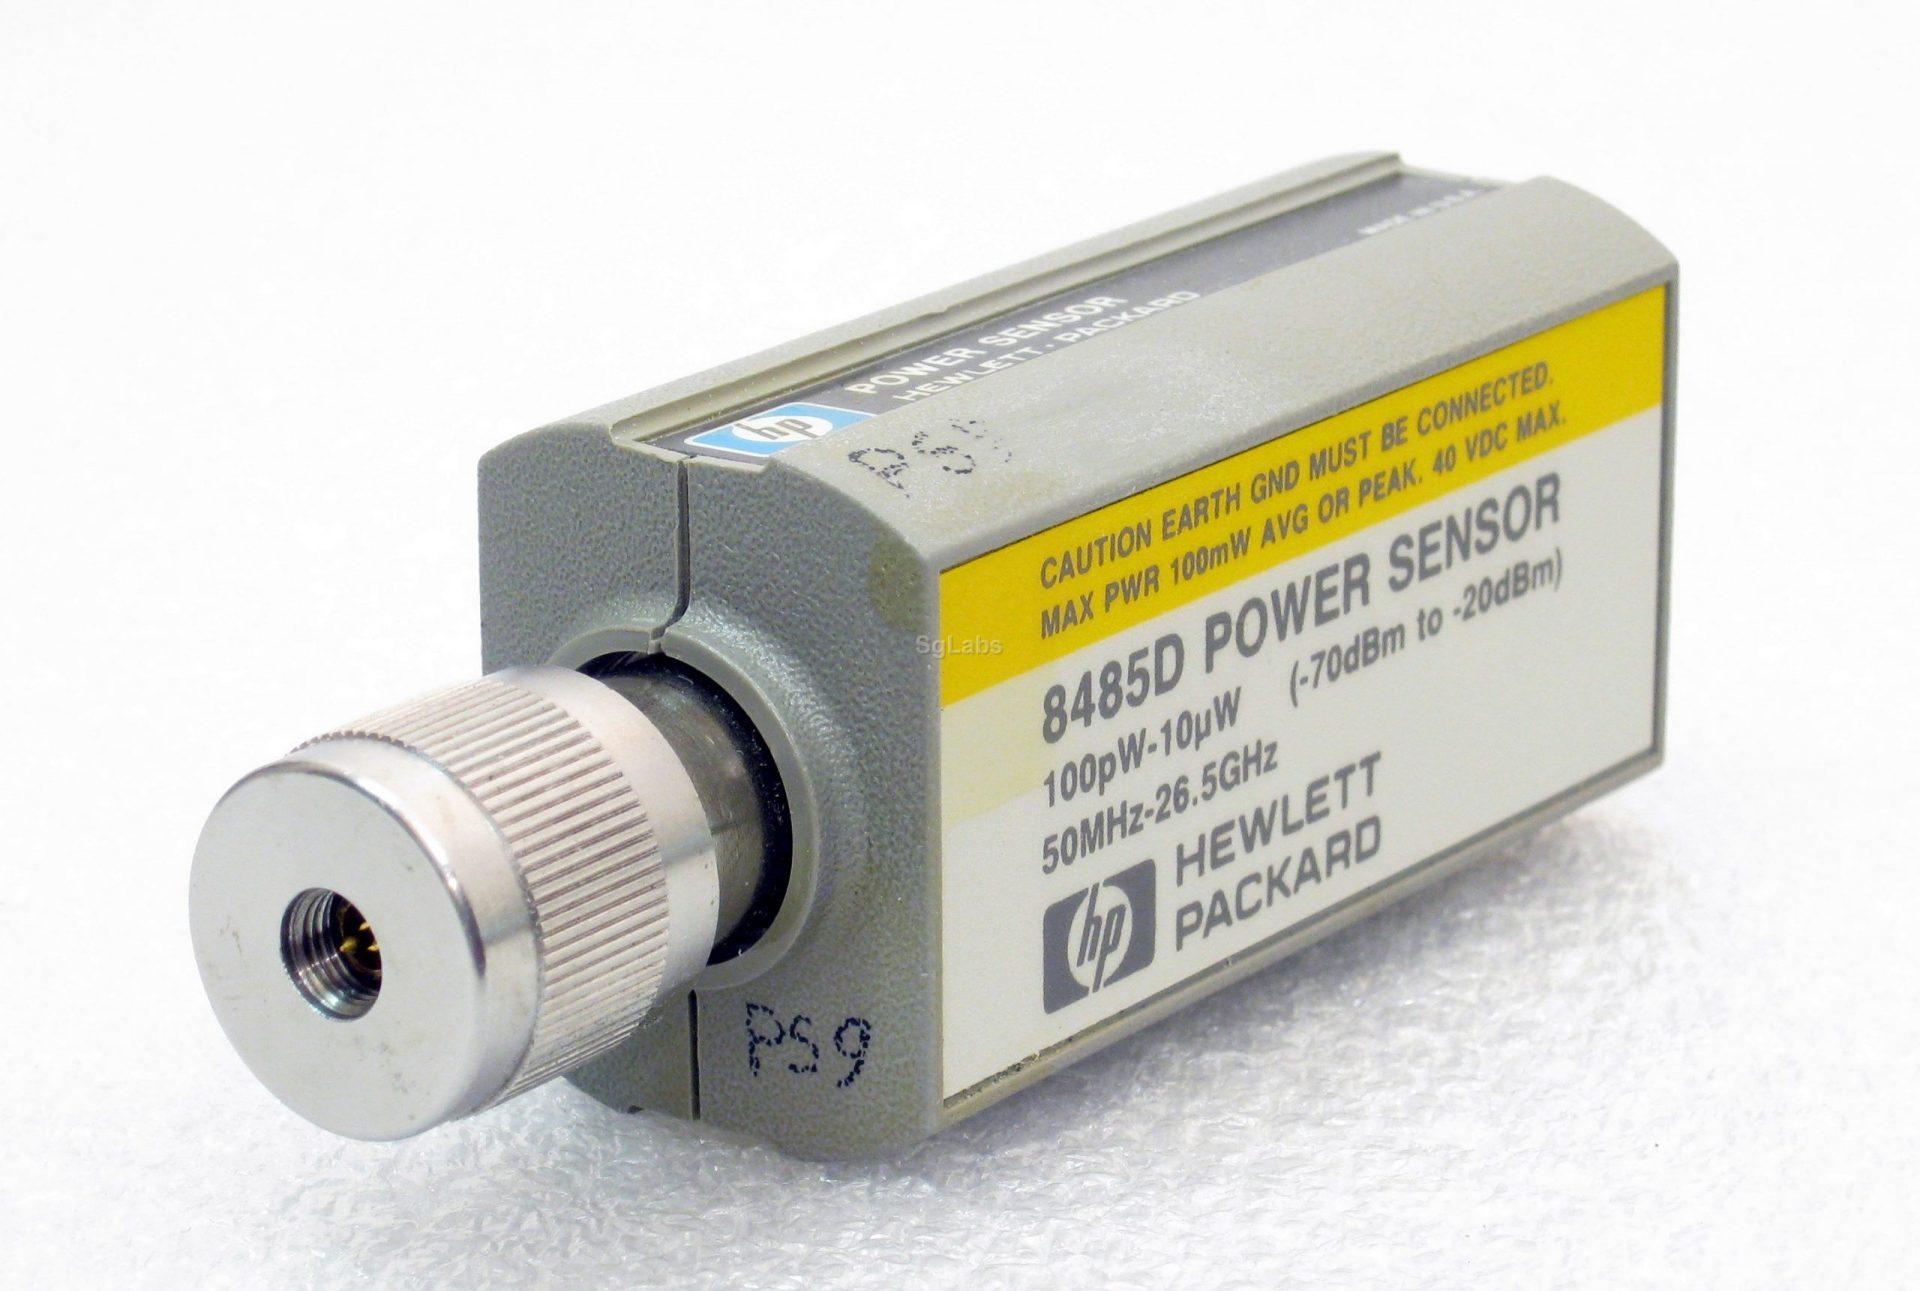 Keysight 8485D Diode Power Sensor